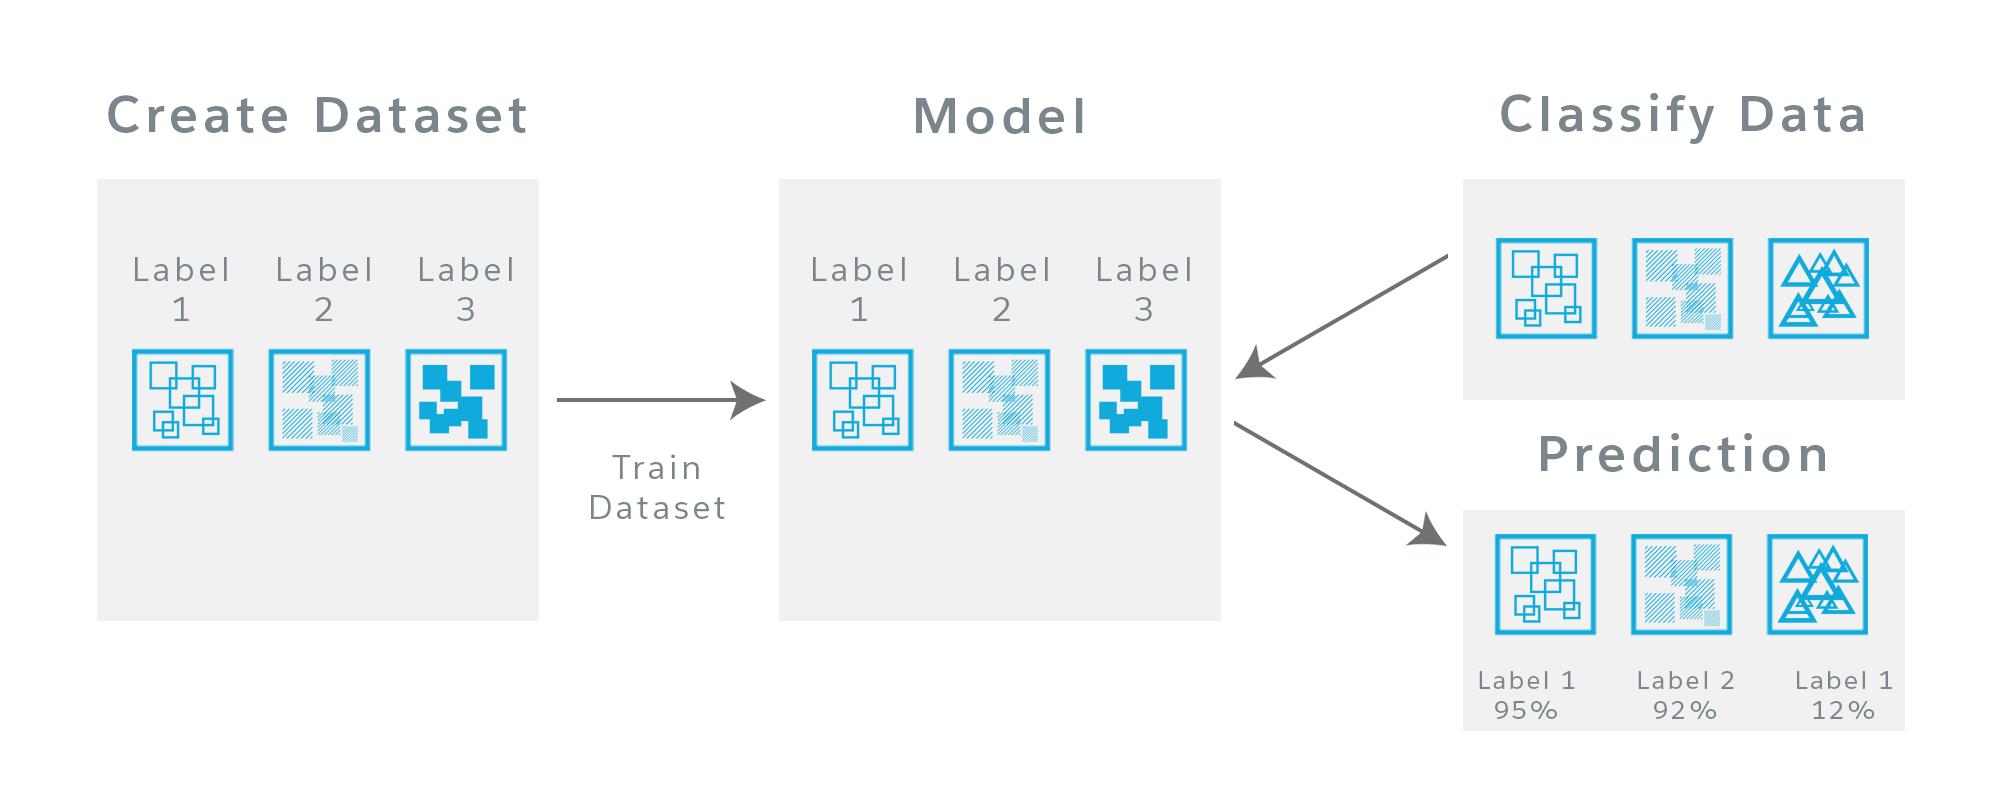 データセット、モデル、予測の関係を示す図